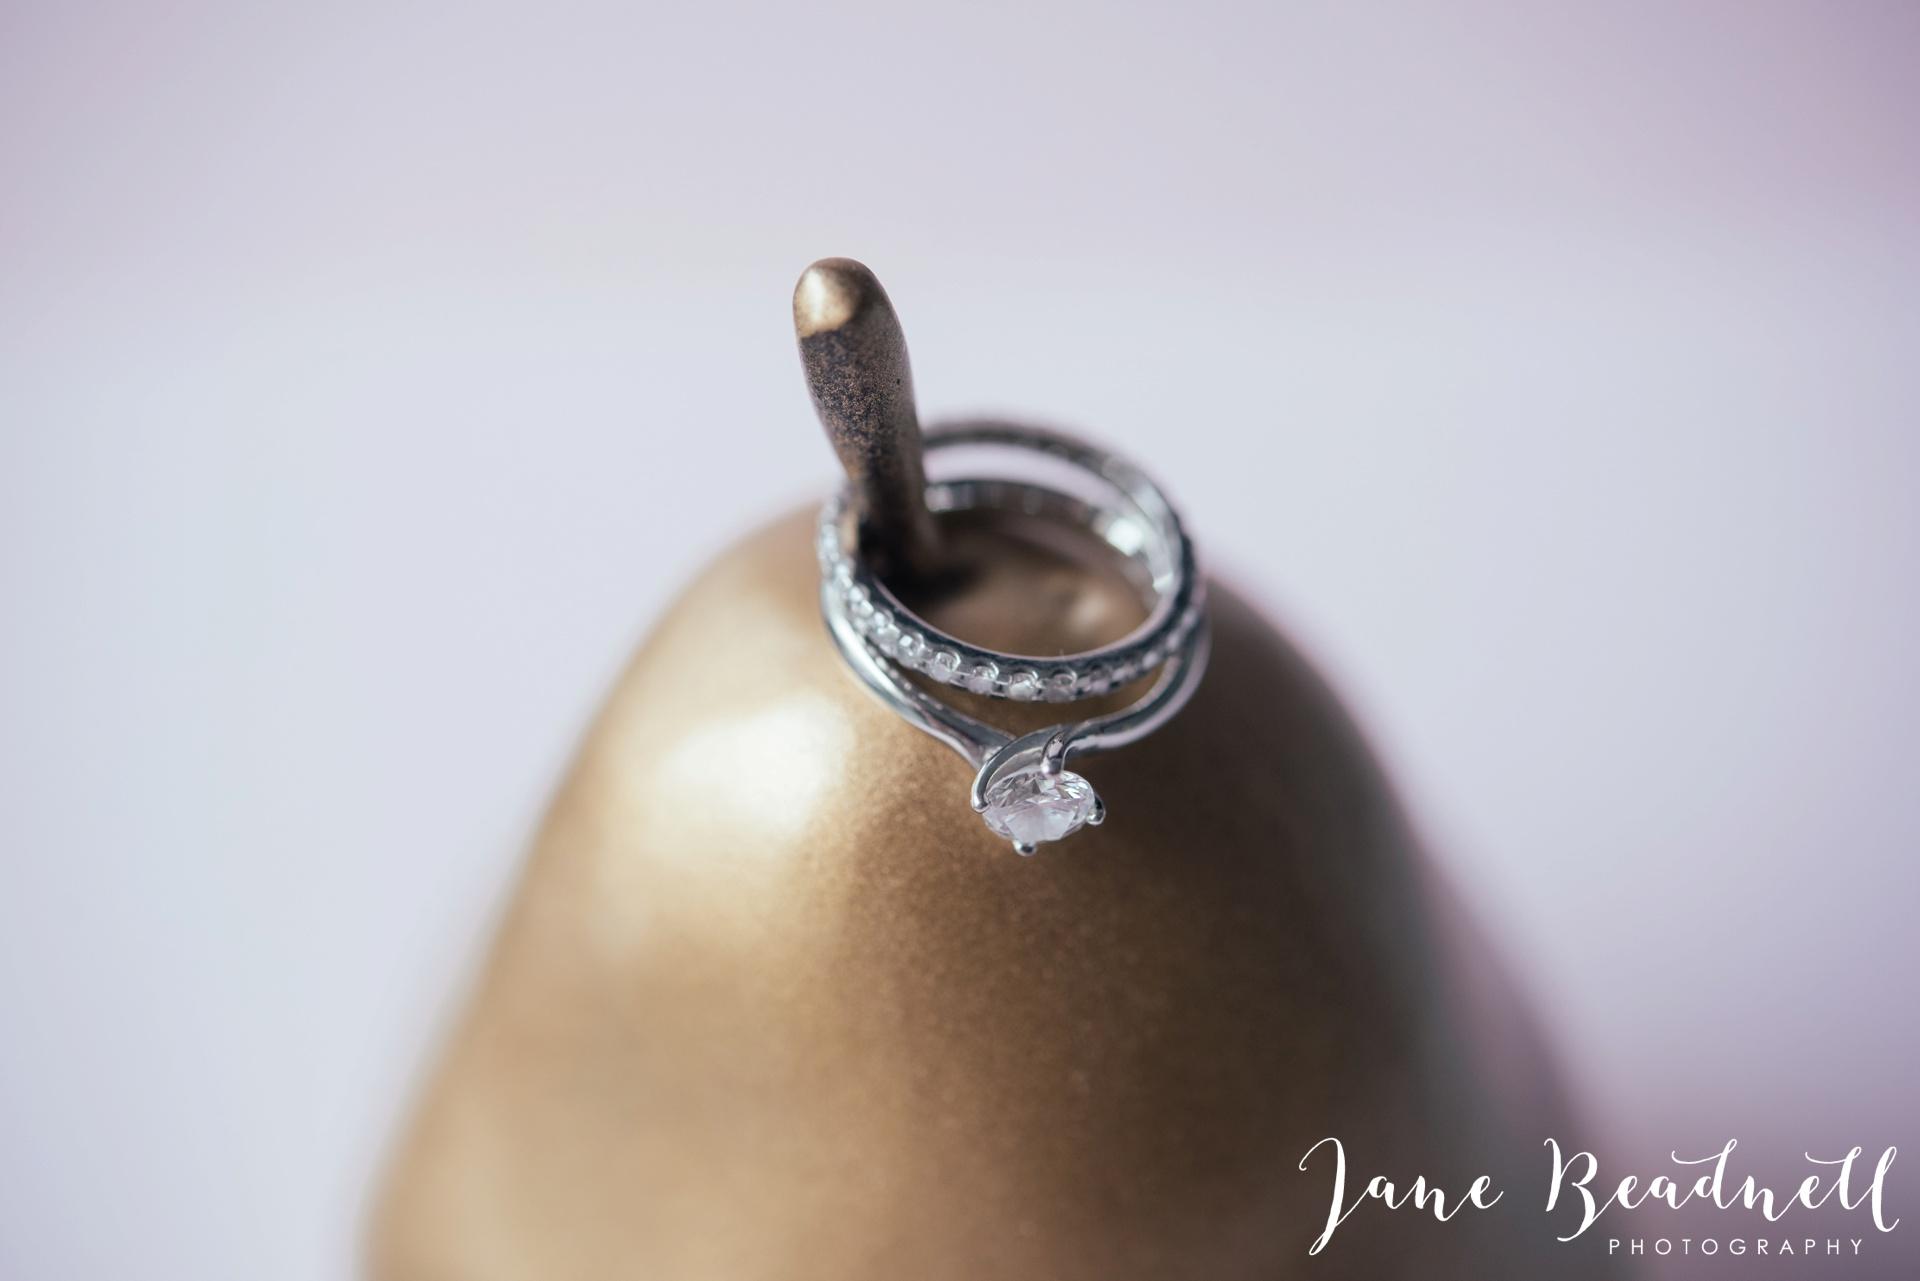 jane beadnell wedding photographer leeds_0010